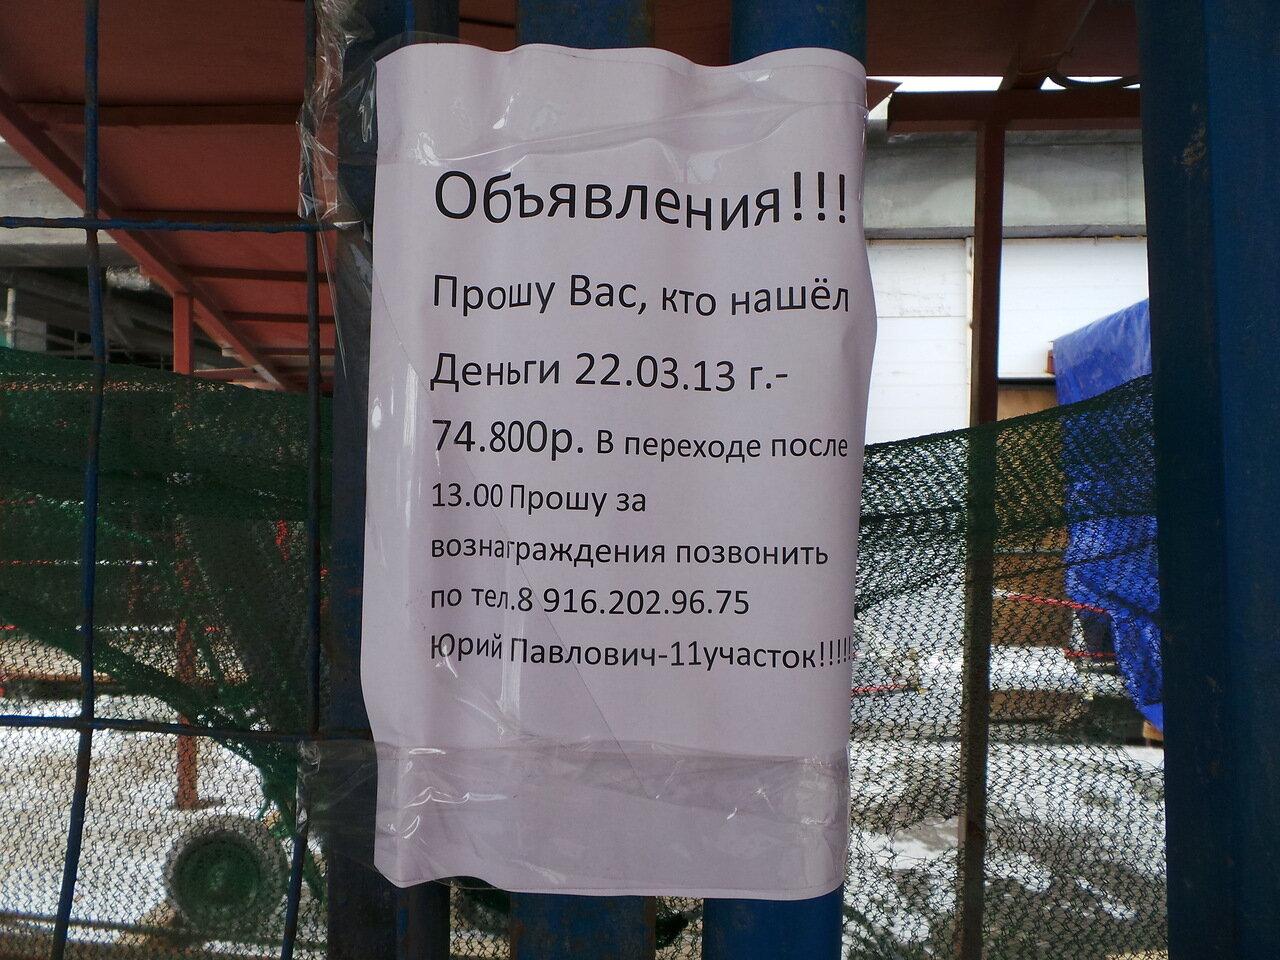 http://img-fotki.yandex.ru/get/4121/82260854.26e/0_9869d_f65f6e3b_XXXL.jpeg.jpg